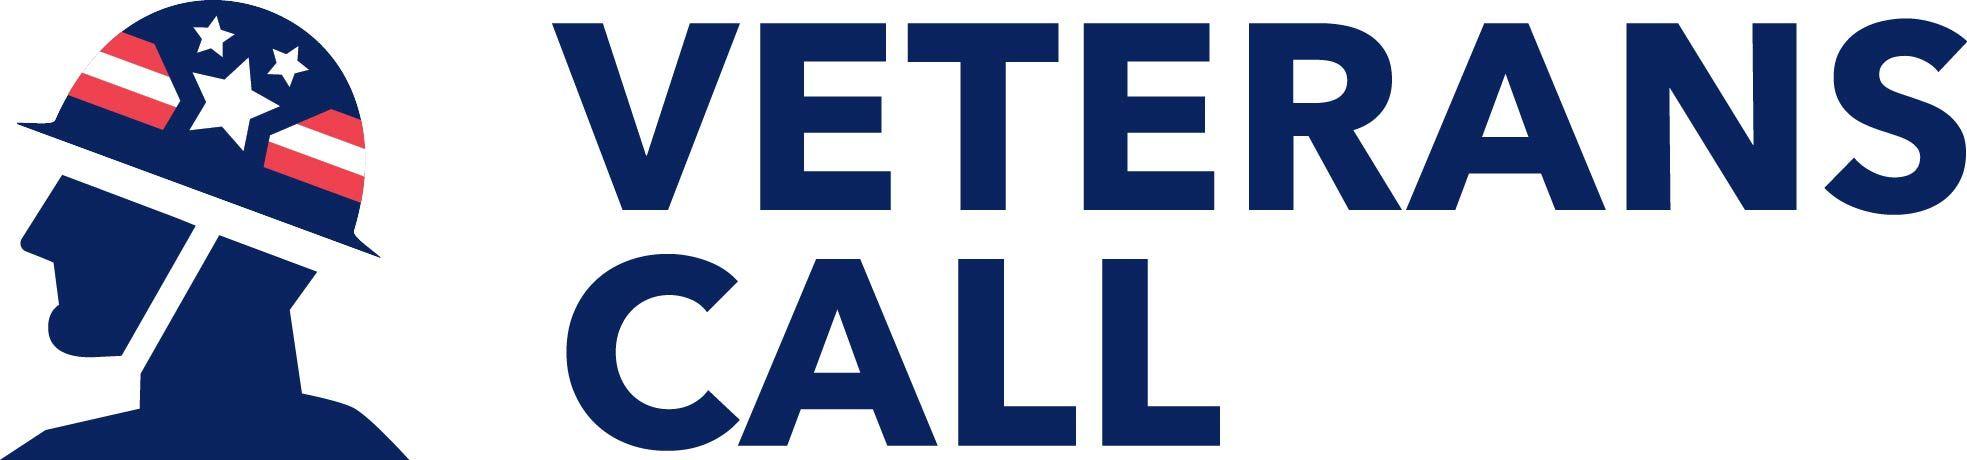 VeteransCall Logo